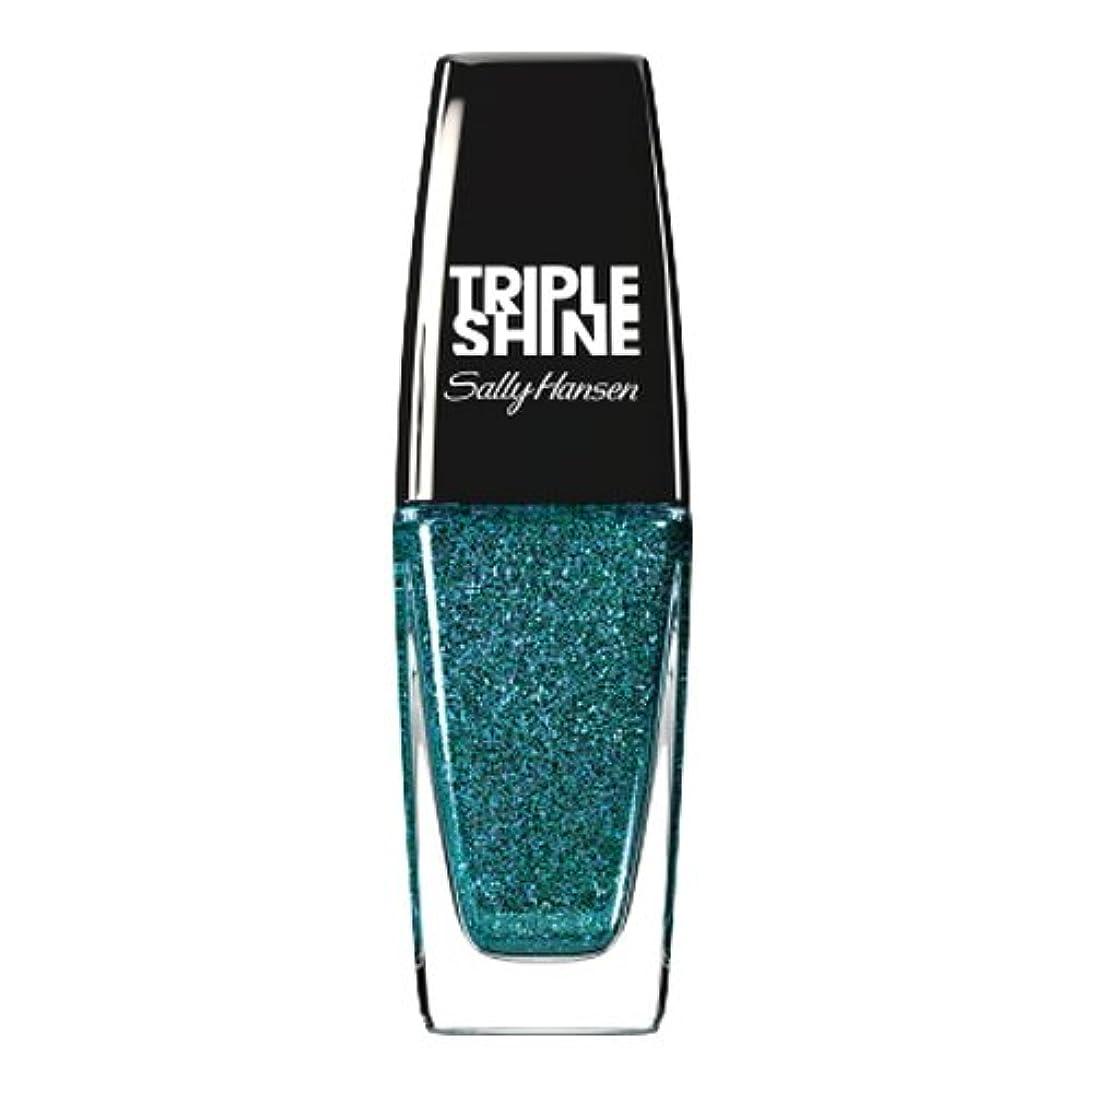 変形する等しい自宅でSALLY HANSEN Triple Shine Nail Polish - Sparkling Water (並行輸入品)